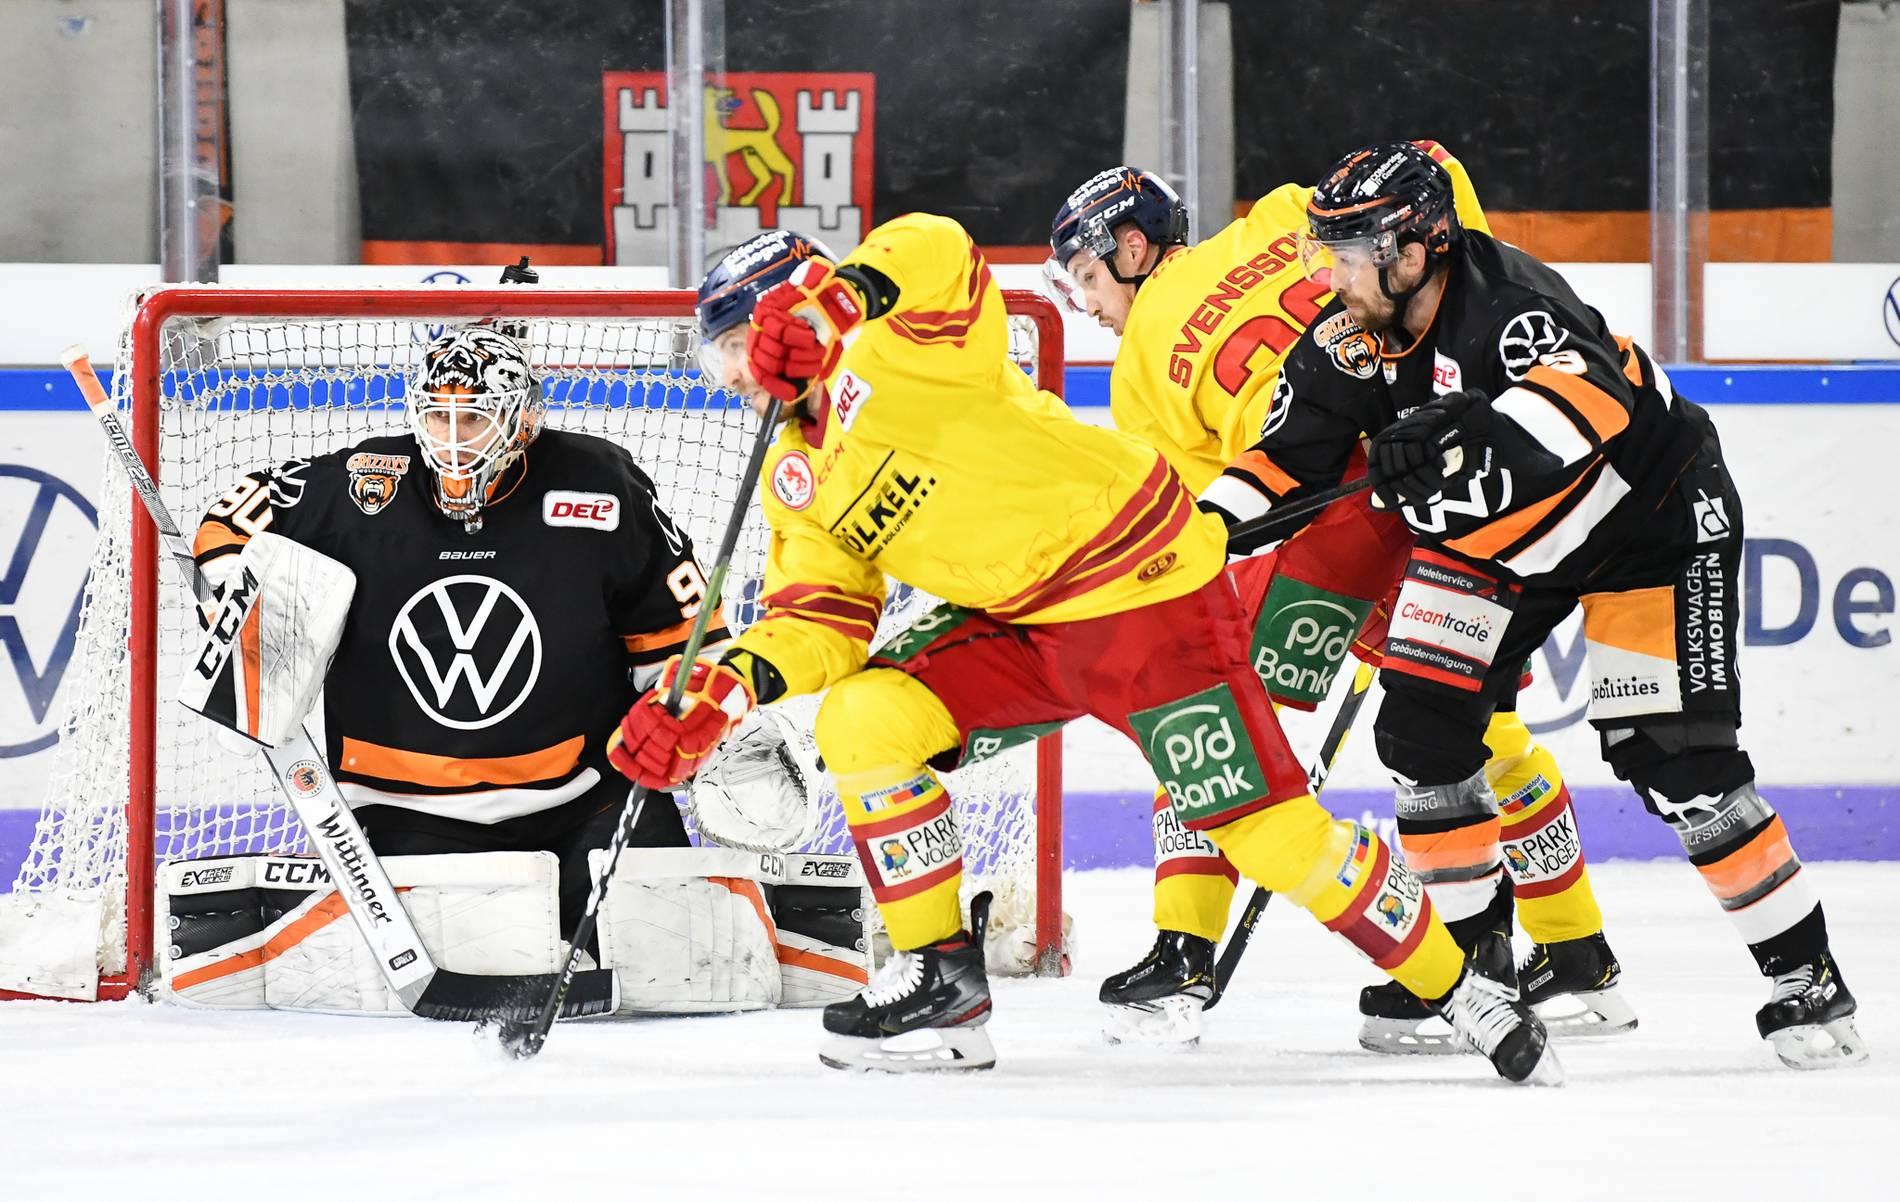 Deutsche Eishockeyliga